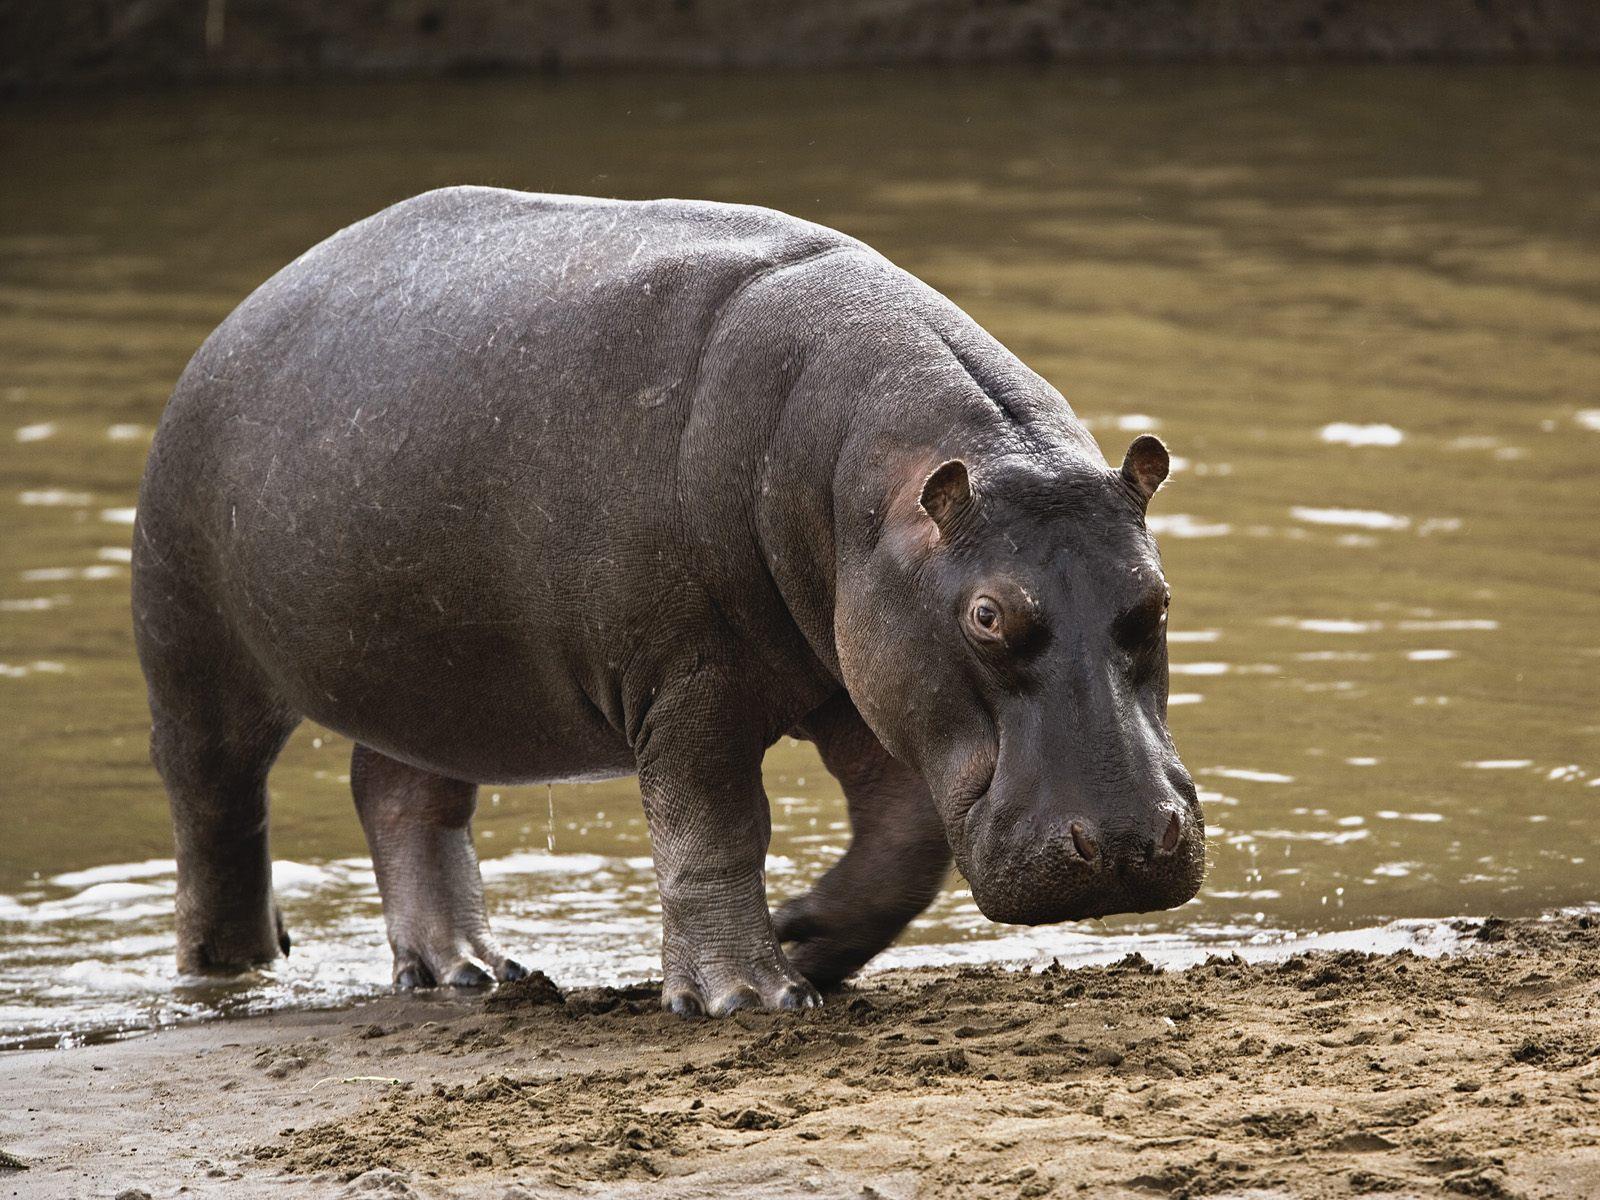 hippo-savannah-safari-wildlife